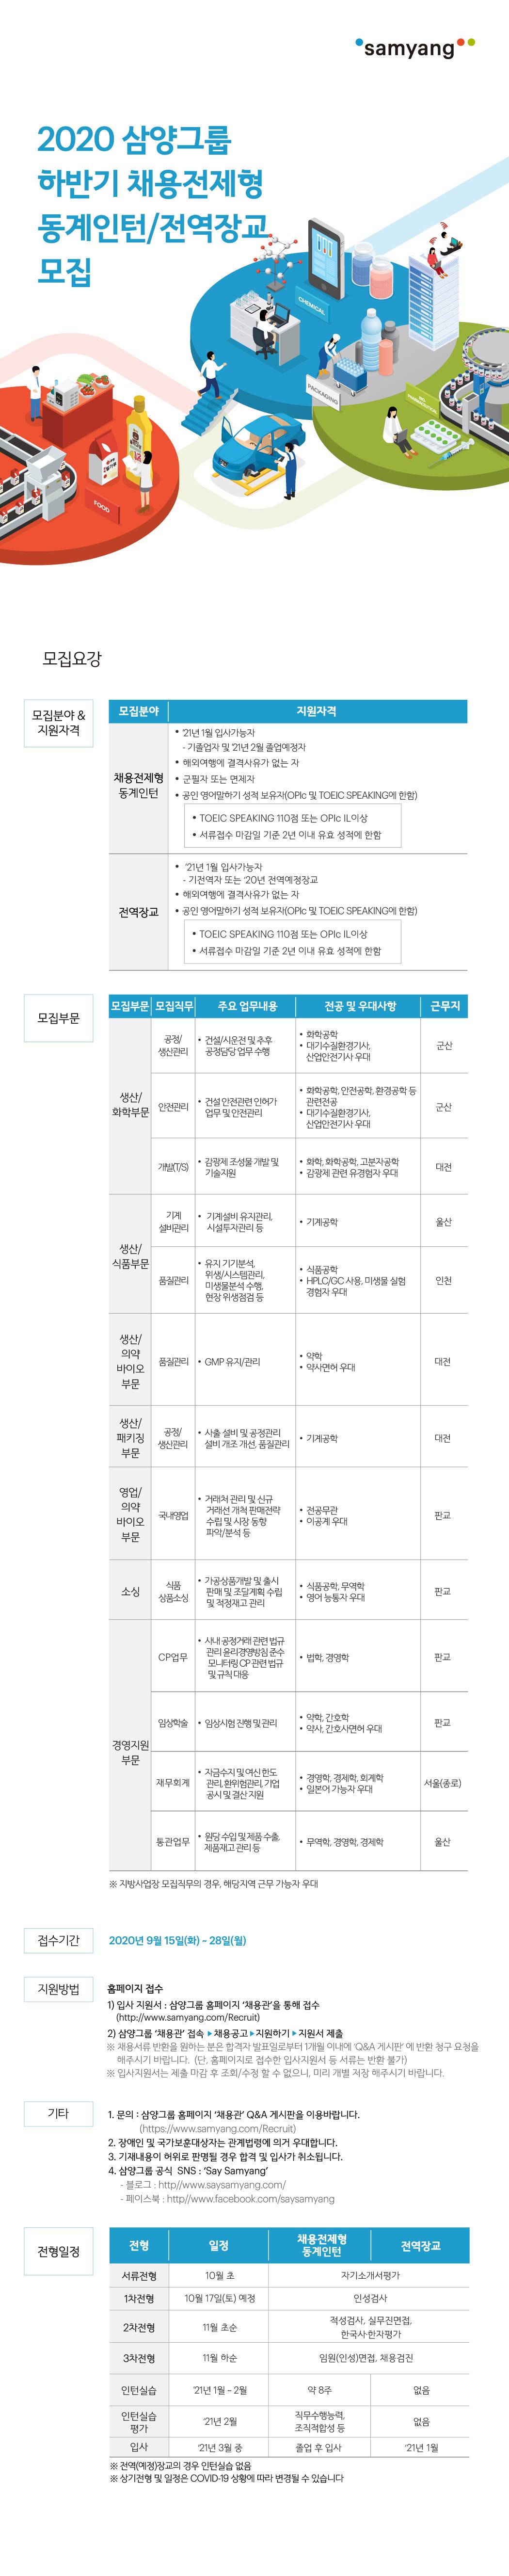 2020 하반기 삼양그룹 채용 공고문.jpg